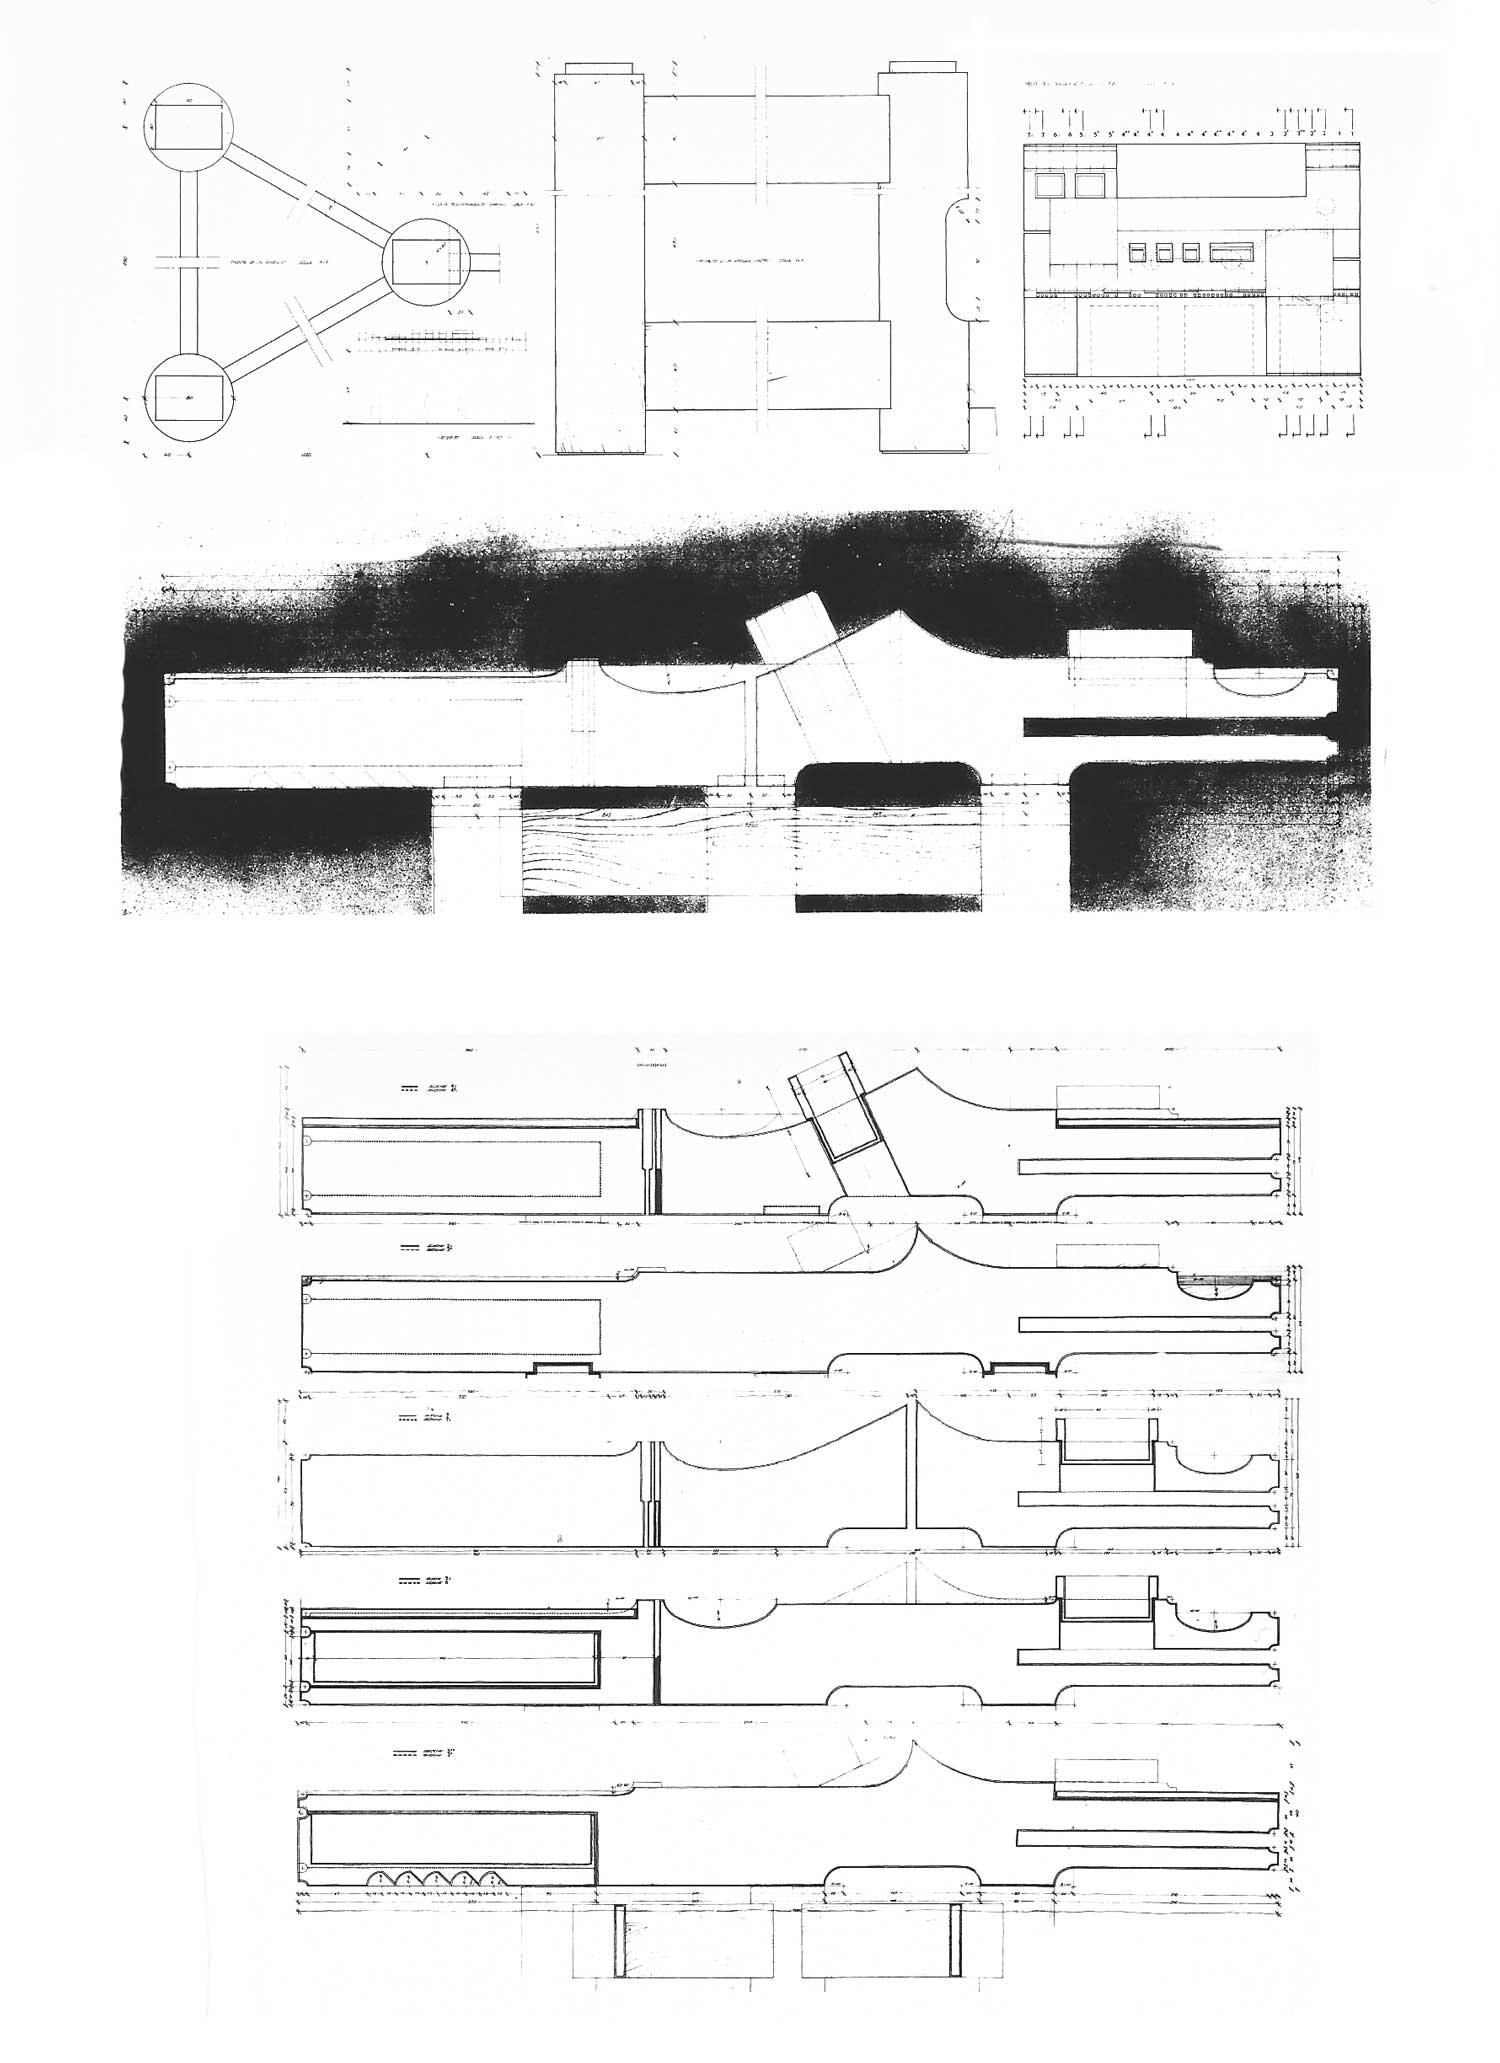 4 - Prototipo di scrivania a sezione variabile in cirmolo per la Fiera del Mobile di Milano - Pianta, sezioni e prospetti